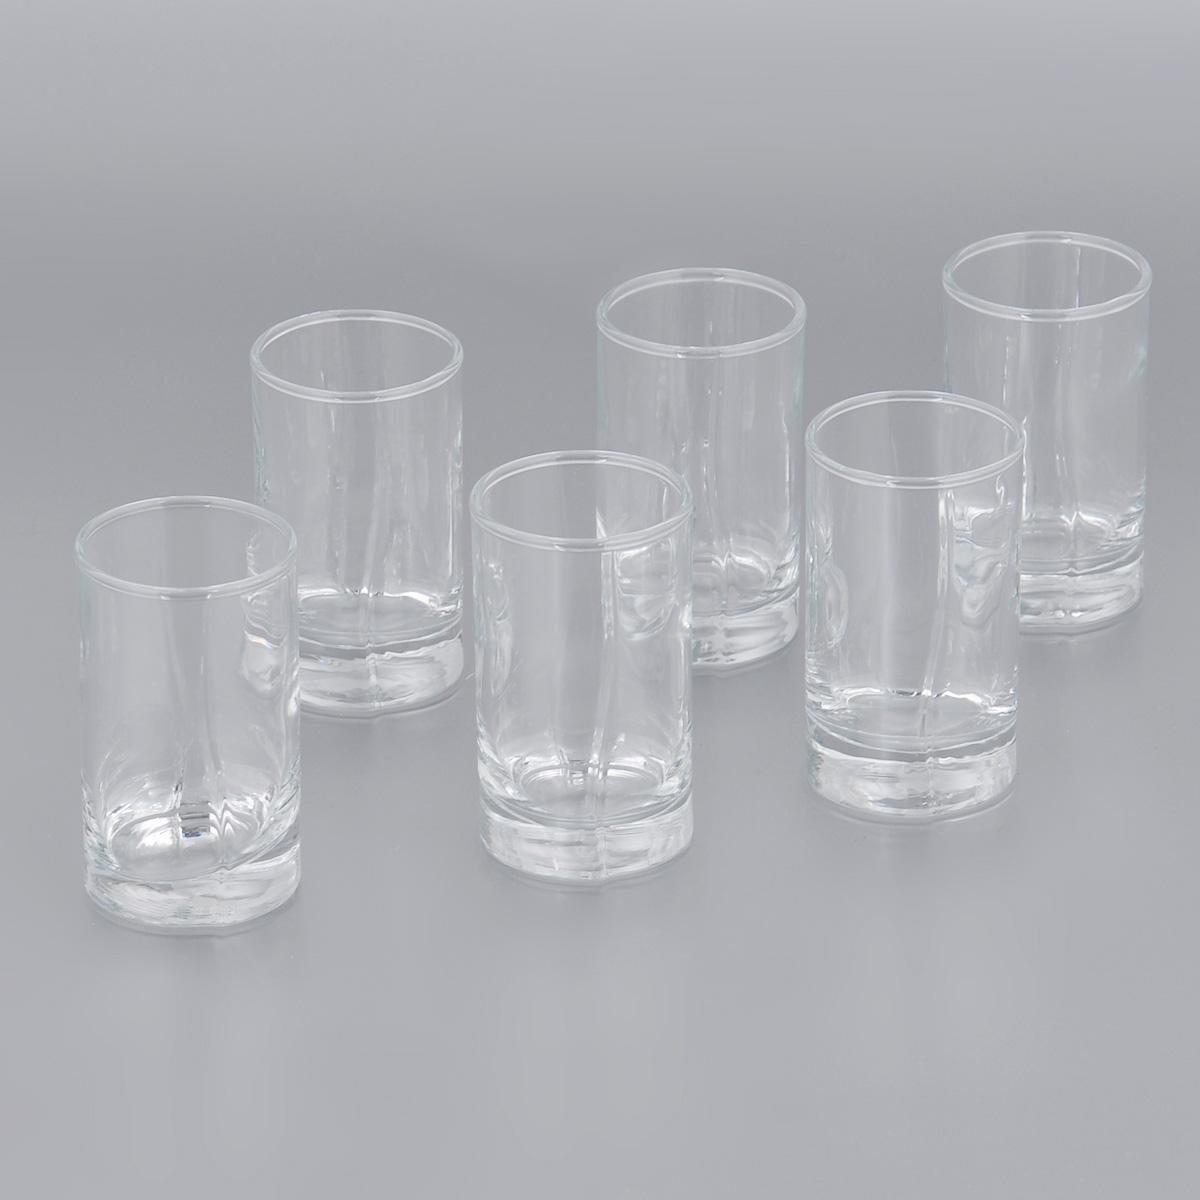 Набор стопок Pasabahce Luna, 60 мл, 6 штVT-1520(SR)Набор Pasabahce Luna, выполненный из прочного натрий-кальций-силикатного стекла, состоит из шести стопок. Стопки, оснащенные утолщенным дном, прекрасно подойдут для подачи водки или ликера. Эстетичность, функциональность и изящный дизайн сделают набор достойным дополнением к вашему кухонному инвентарю. Набор стопок Pasabahce Luna украсит ваш стол и станет отличным подарком к любому празднику. Можно использовать в микроволновой печи и мыть в посудомоечной машине.Диаметр стопки по верхнему краю: 4 см. Высота стопки: 7 см.